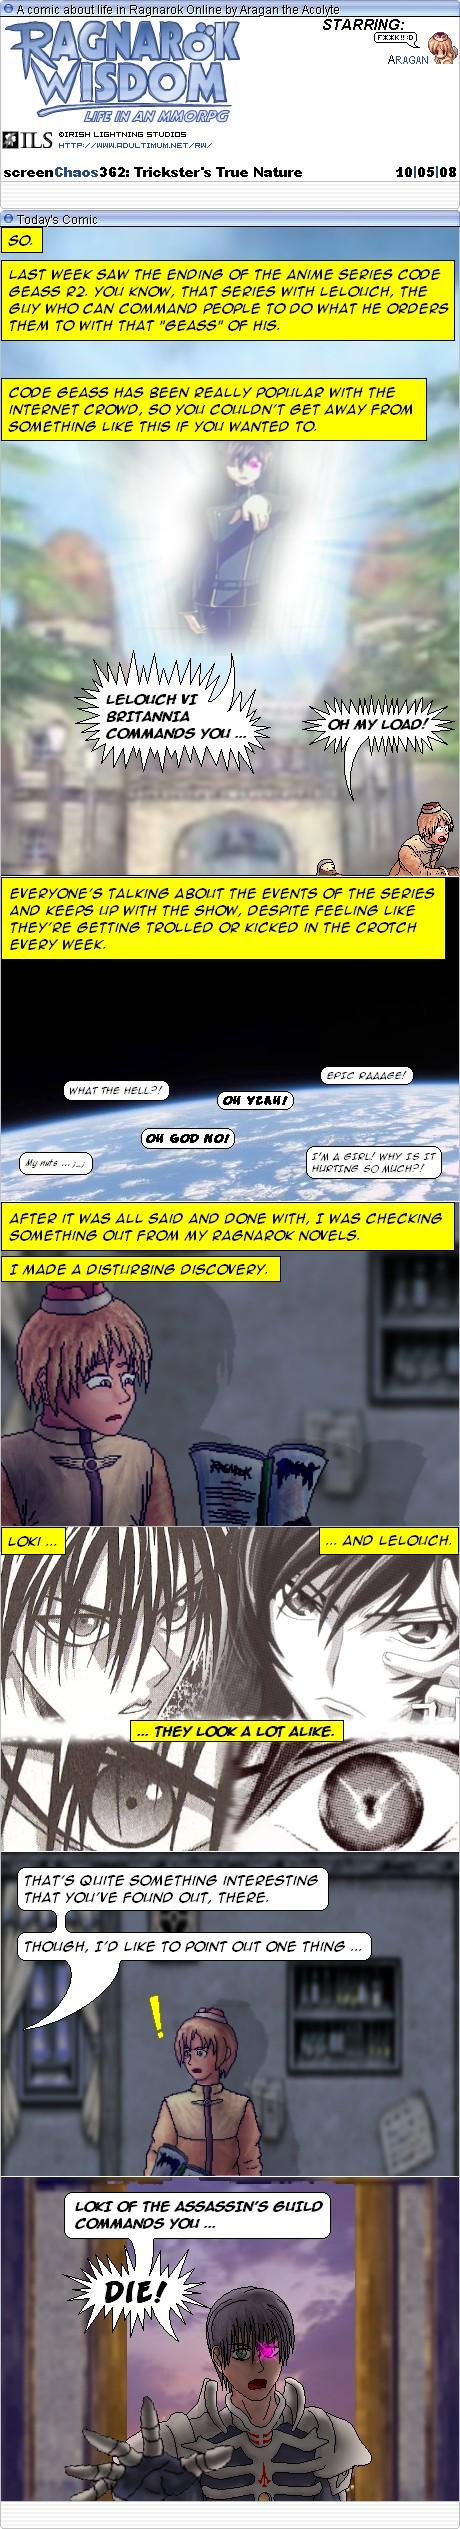 Comic #384